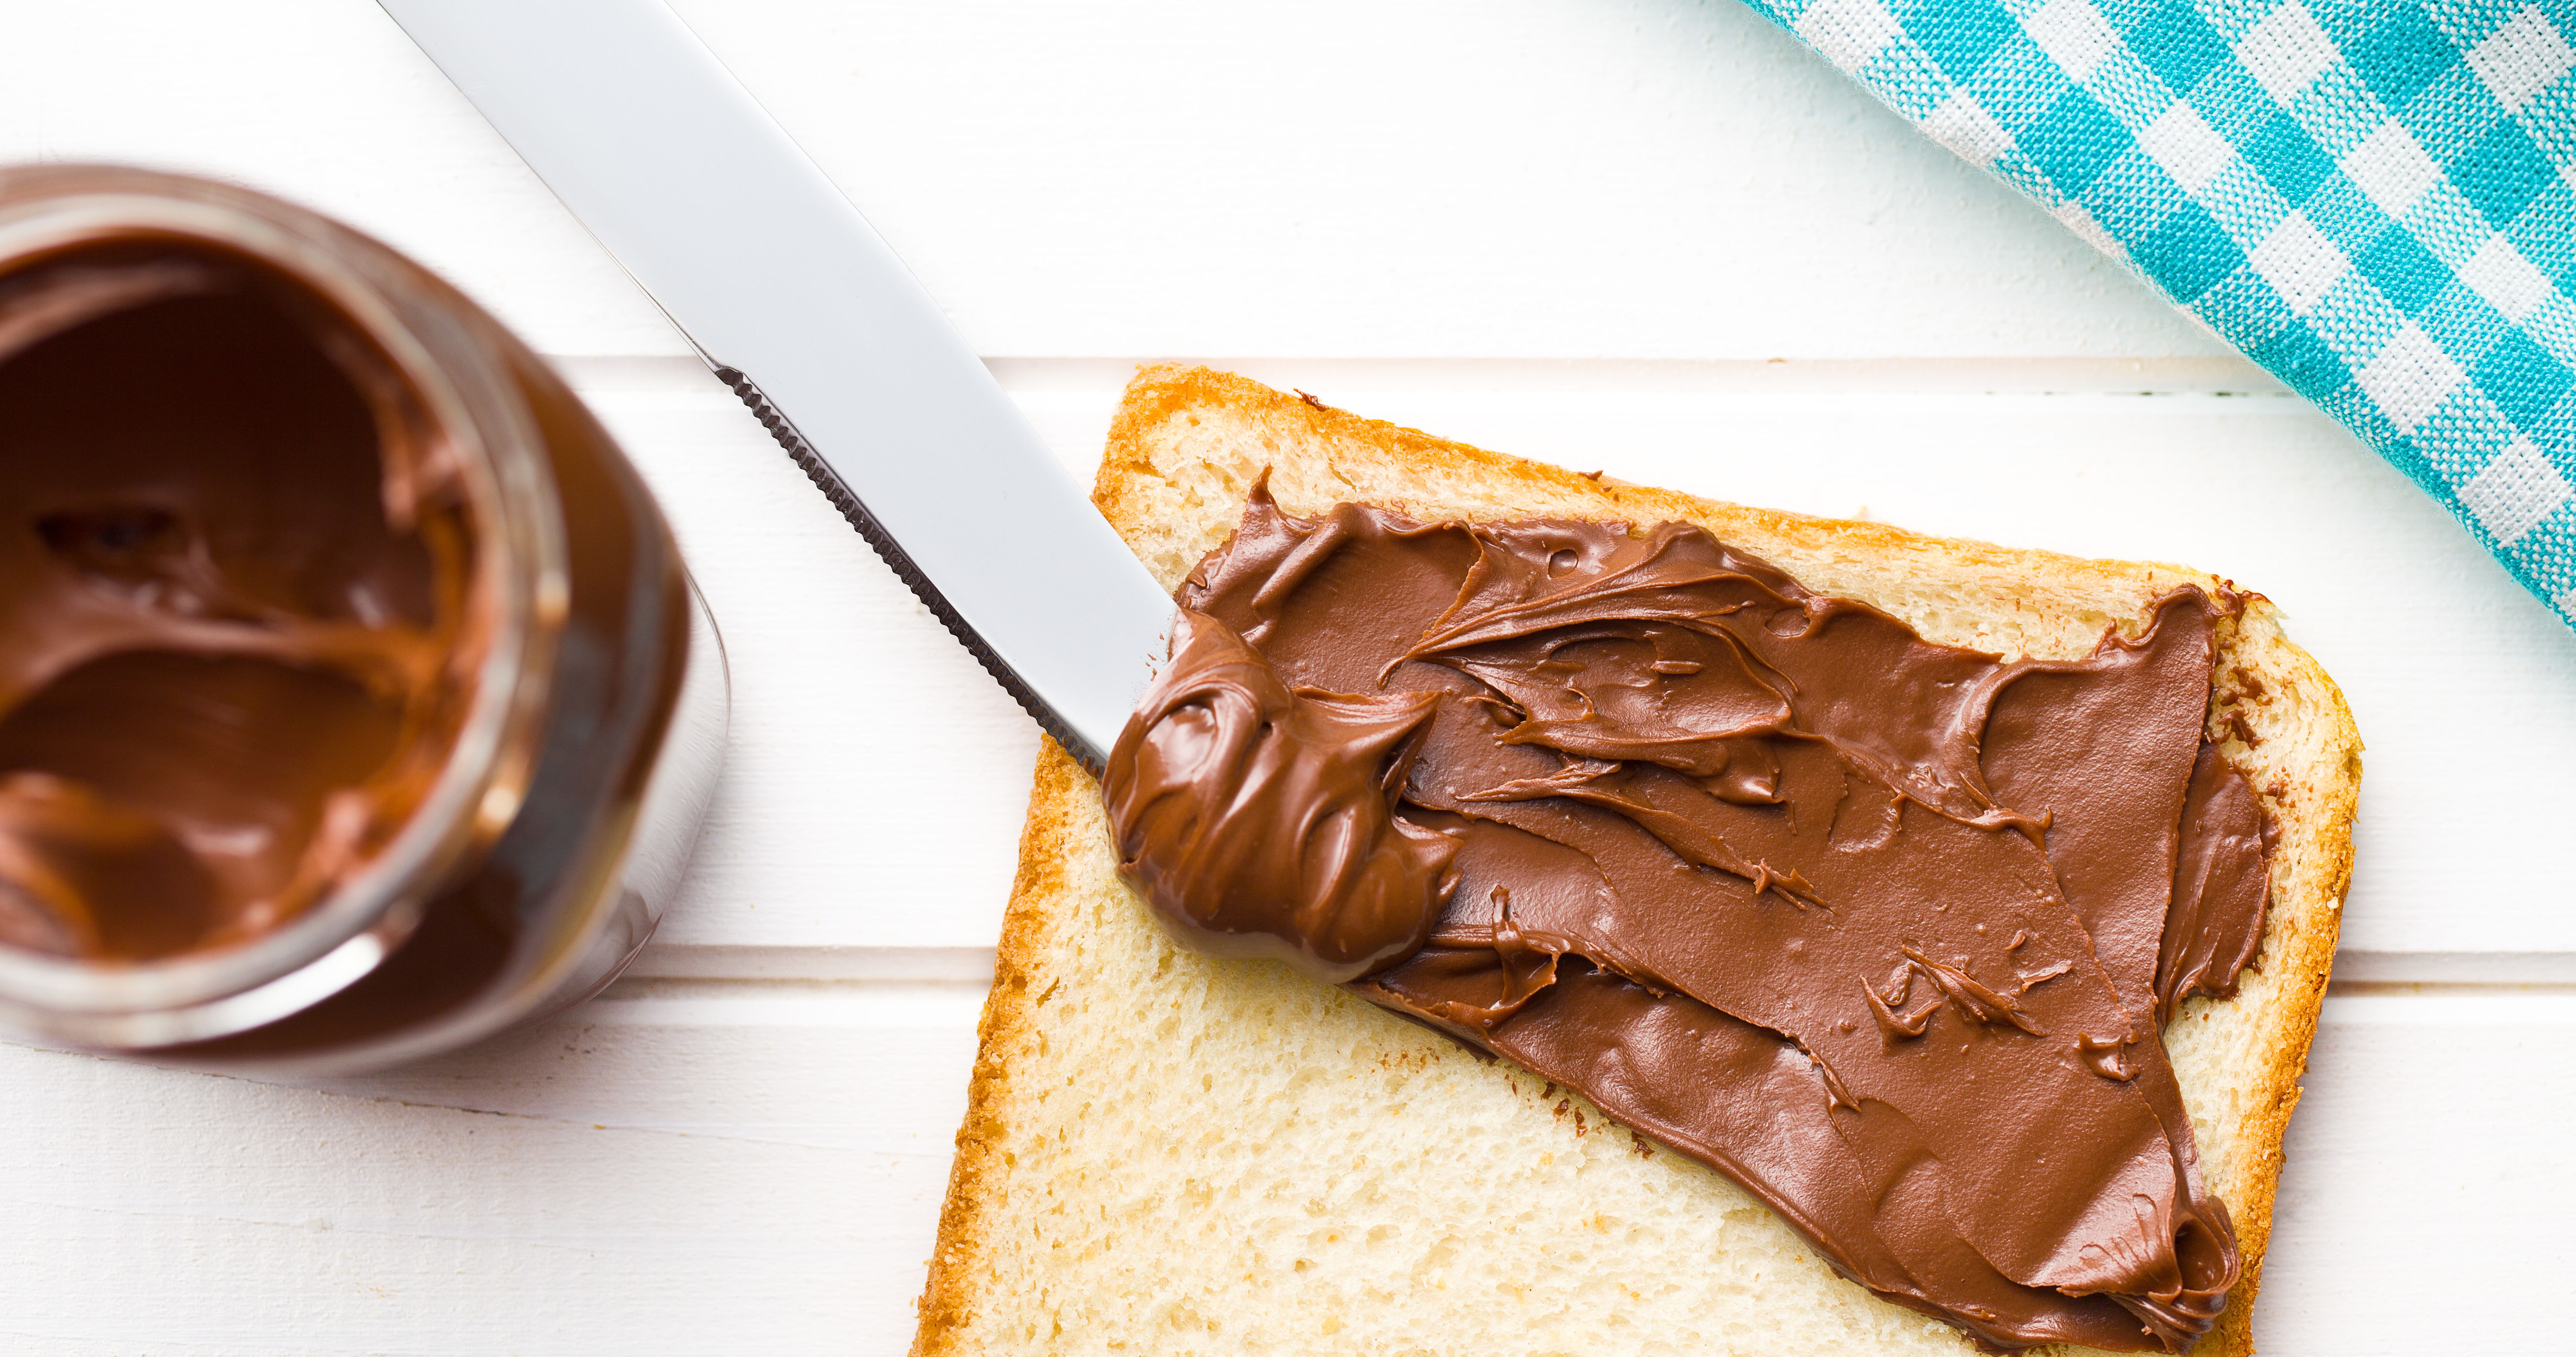 Рецепт шоколадной пасты в домашних условиях из какао пошагово